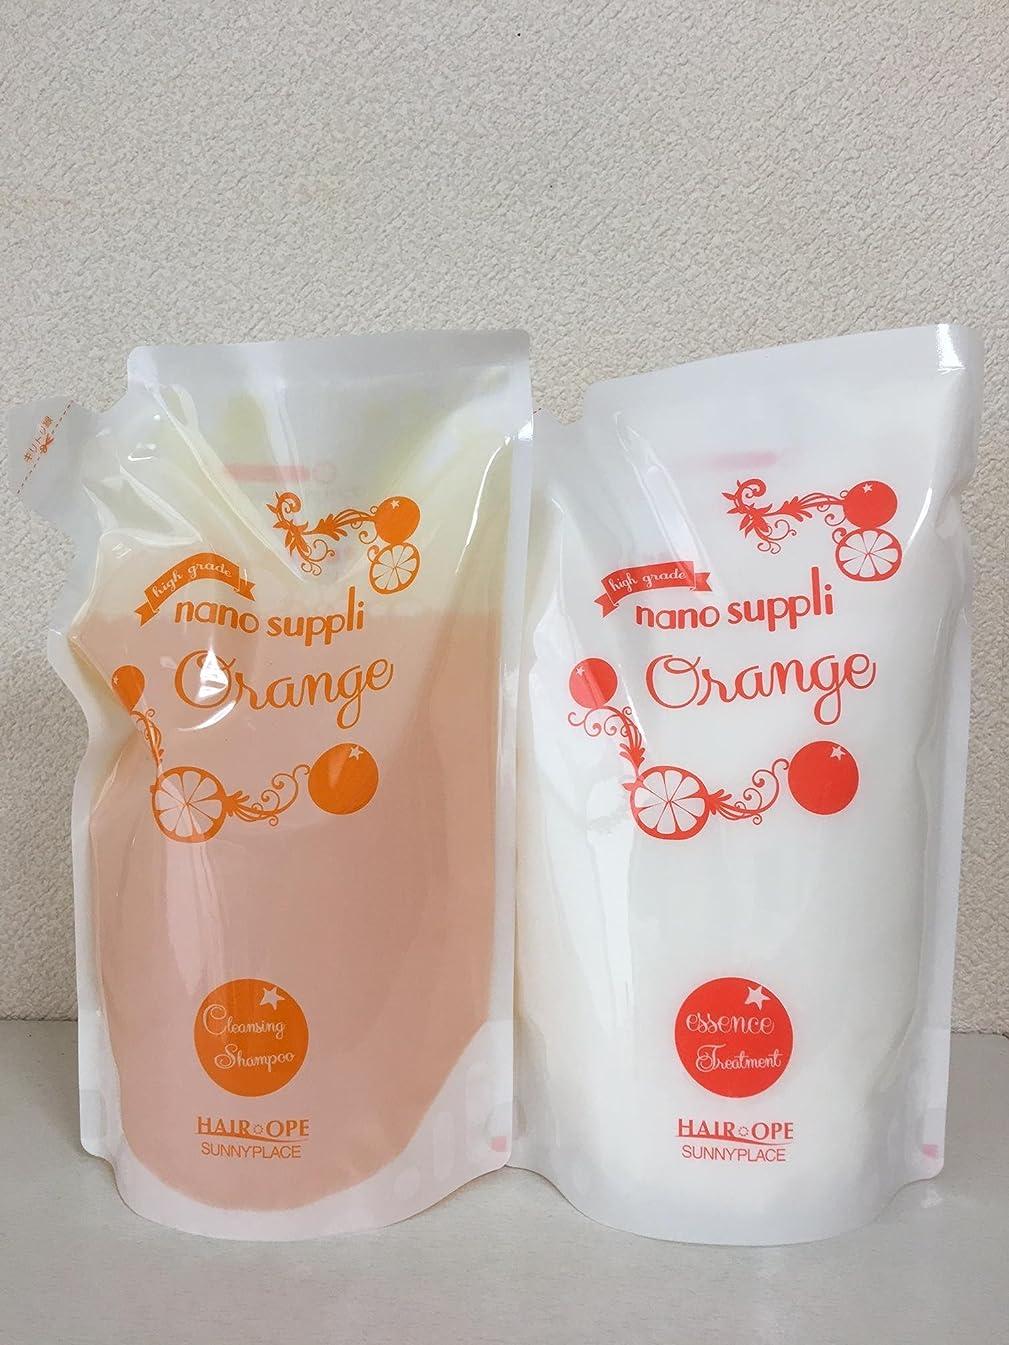 メアリアンジョーンズアーク笑いサニープレイス ナノサプリ クレンジングシャンプー&コンディショナー オレンジ 800ml詰替えセット